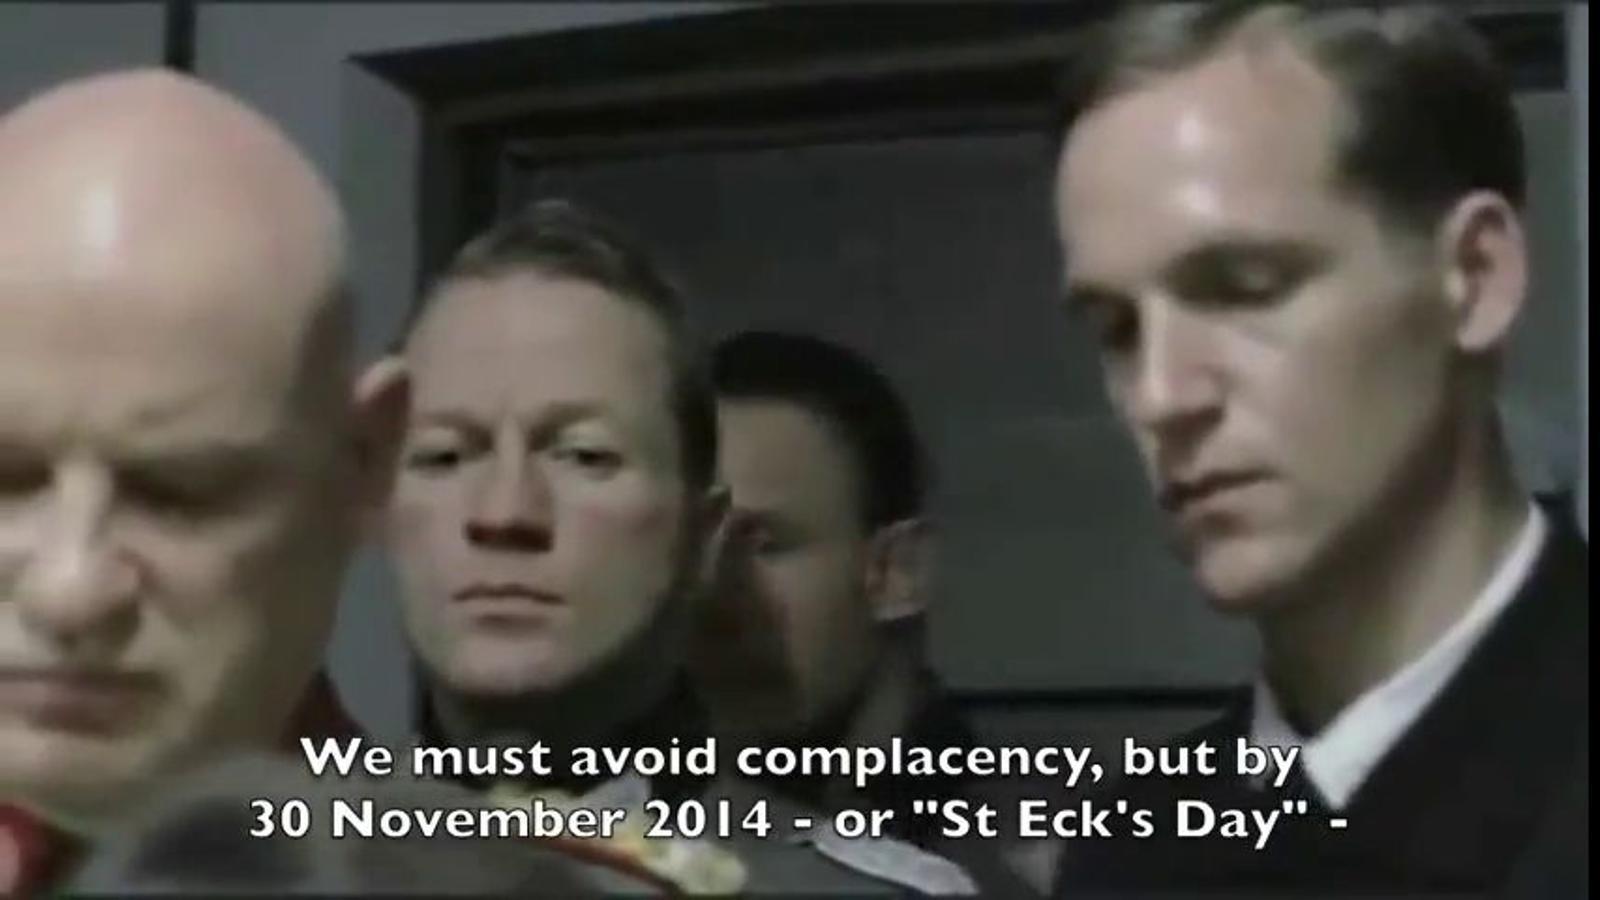 El vídeo dels laboristes britànics on es compara Alex Salmond amb Hitler